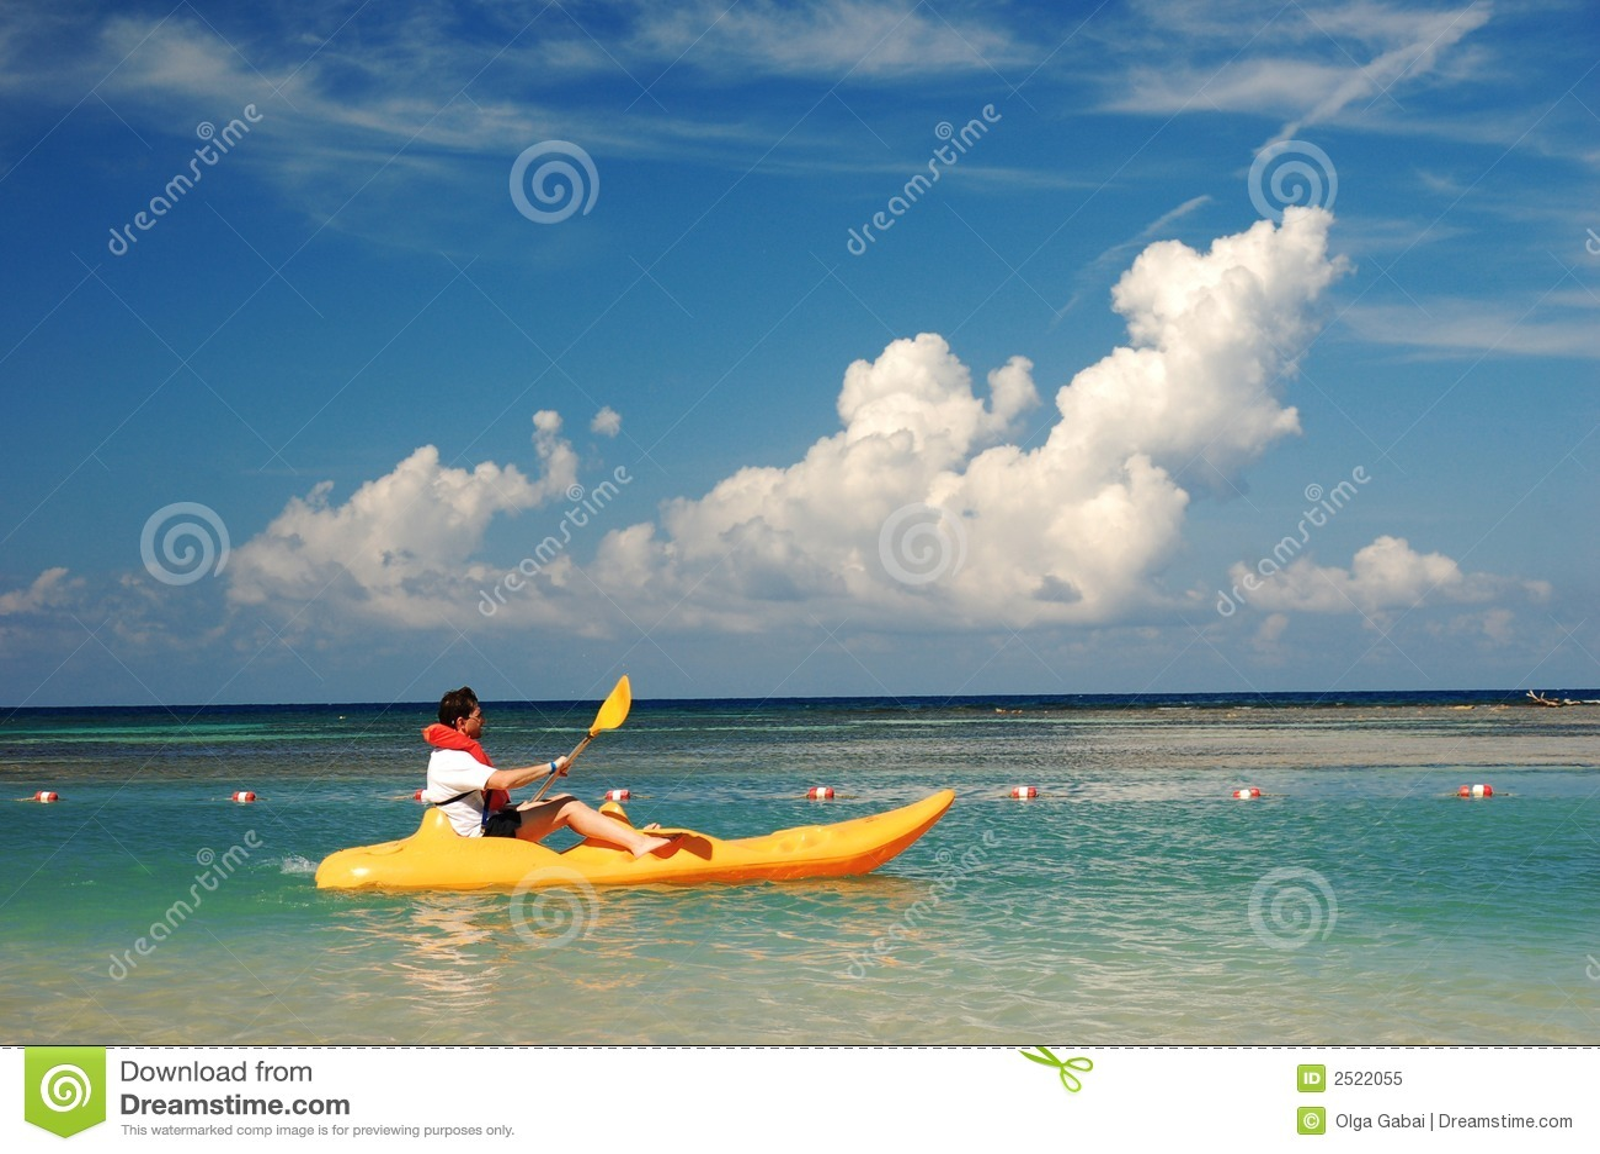 Men on kayak